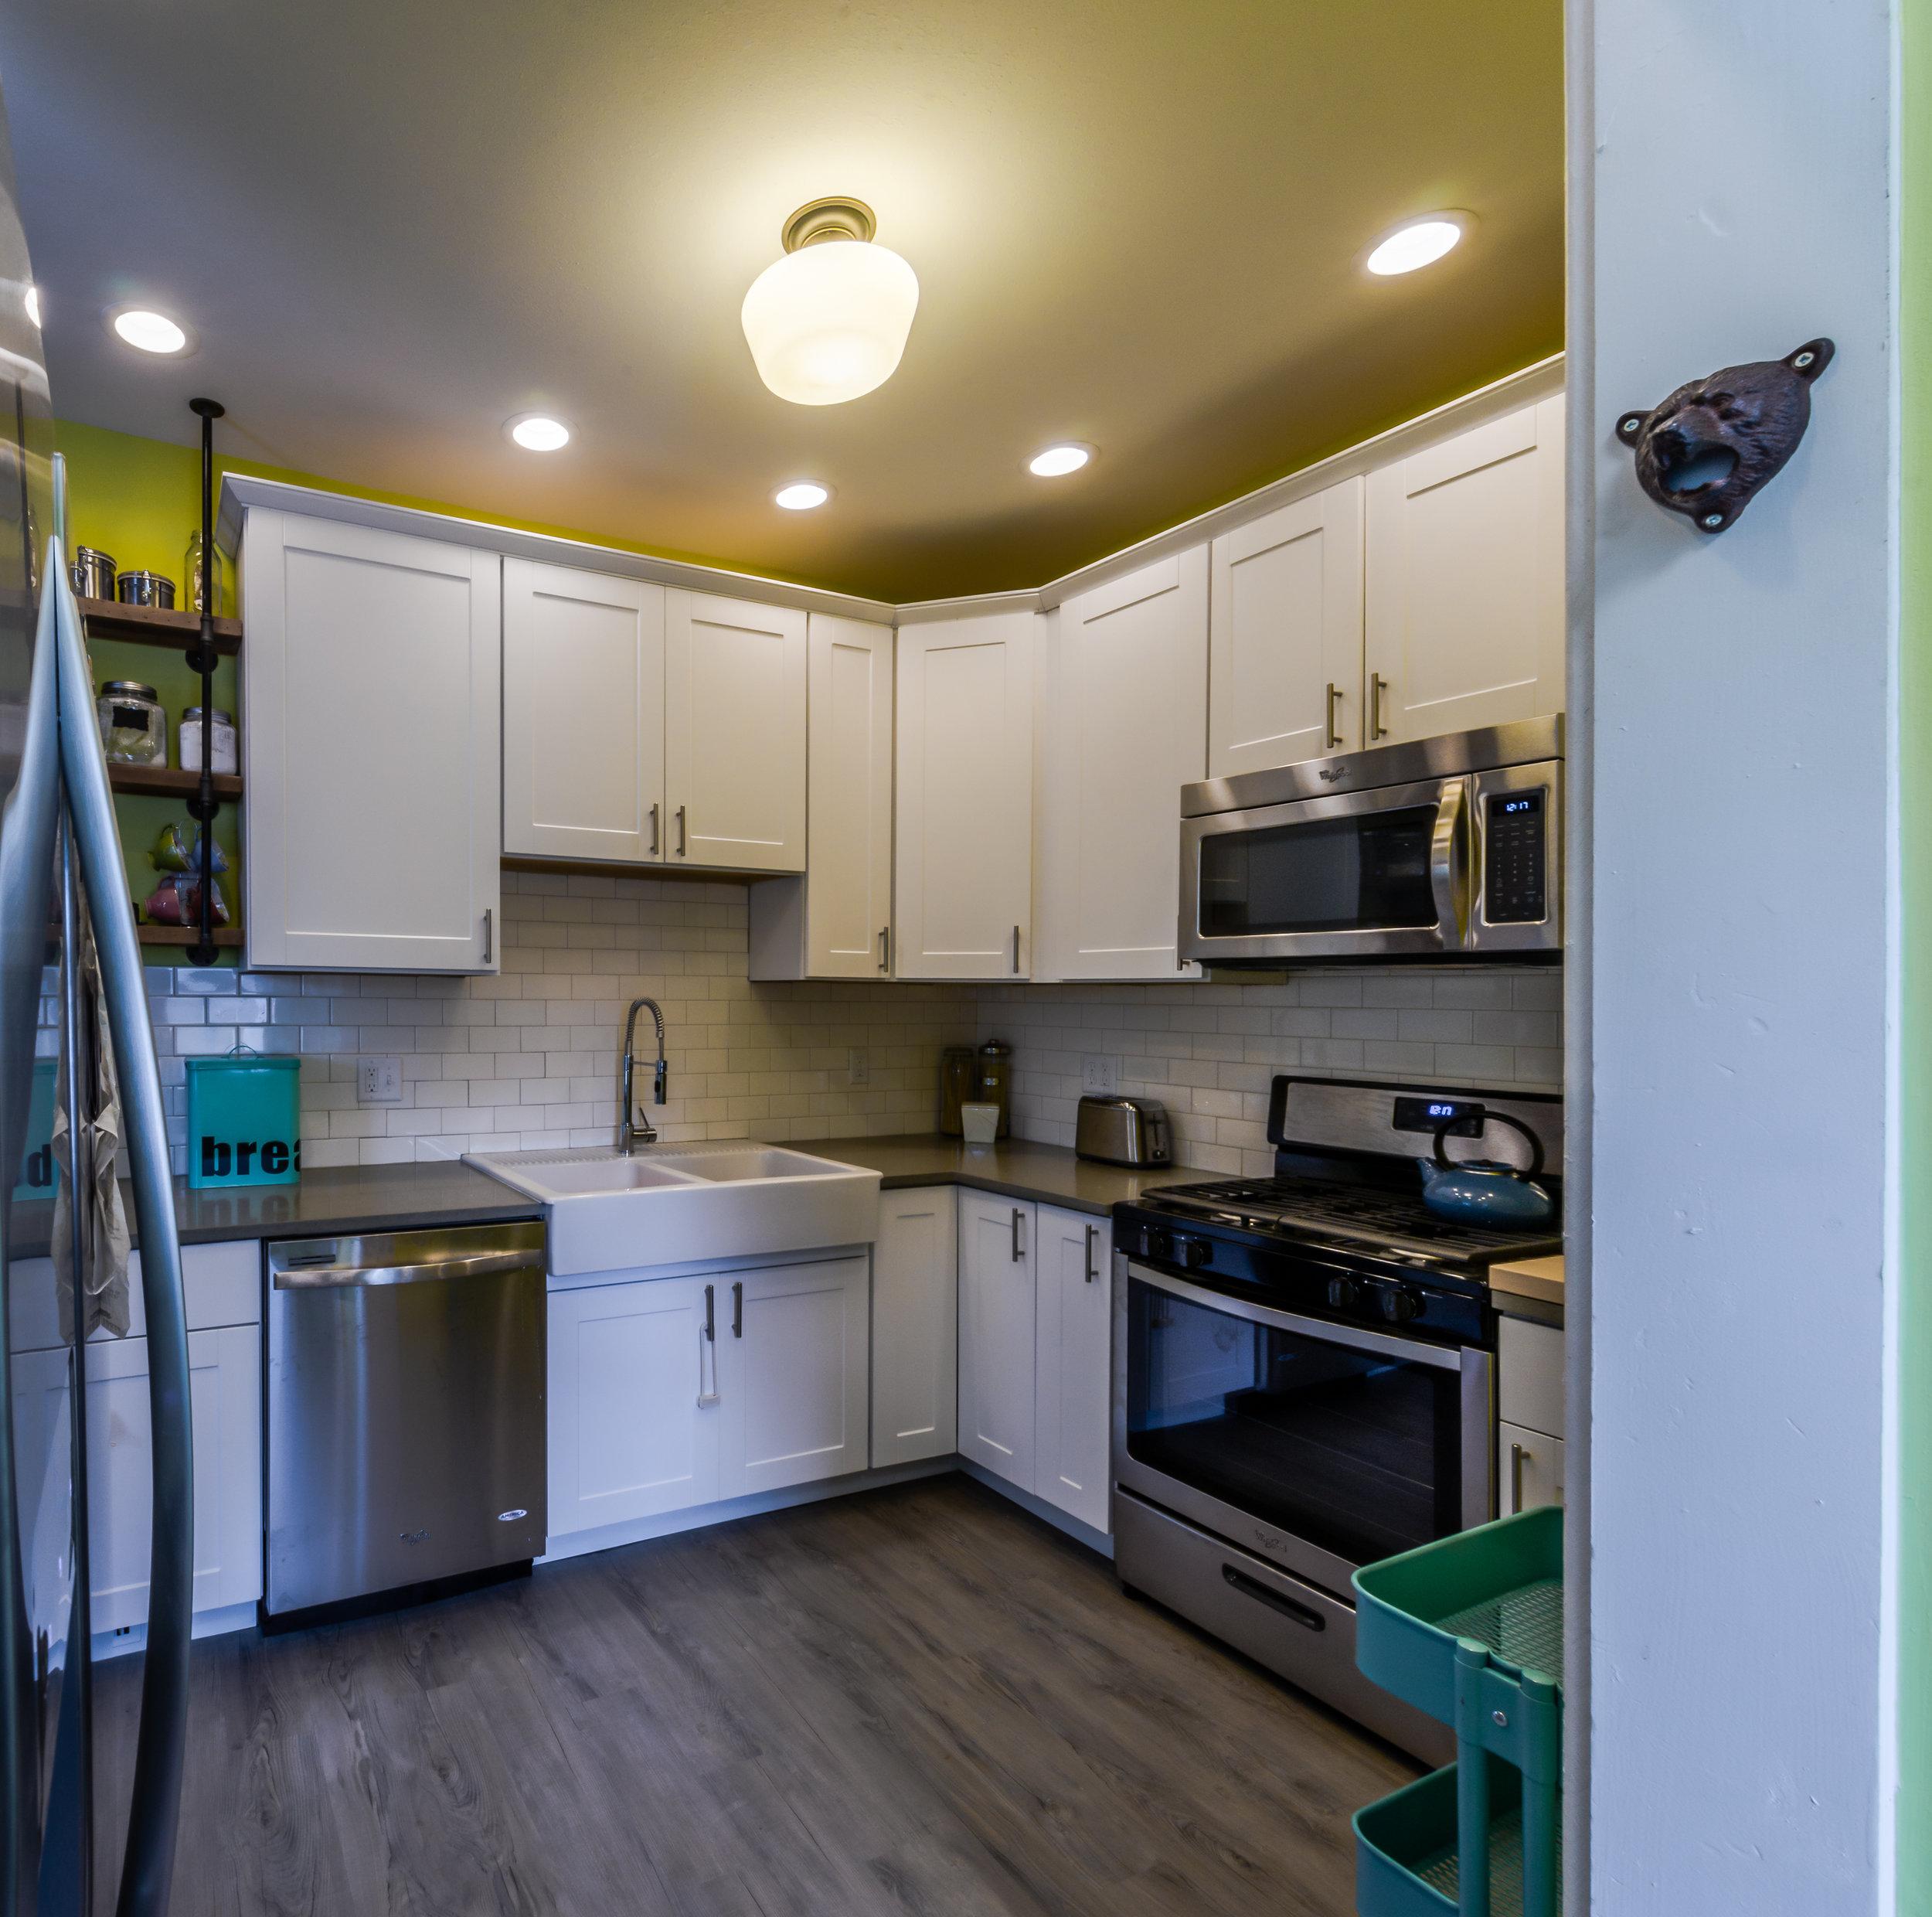 737 36th - kitchen 02 after.jpg